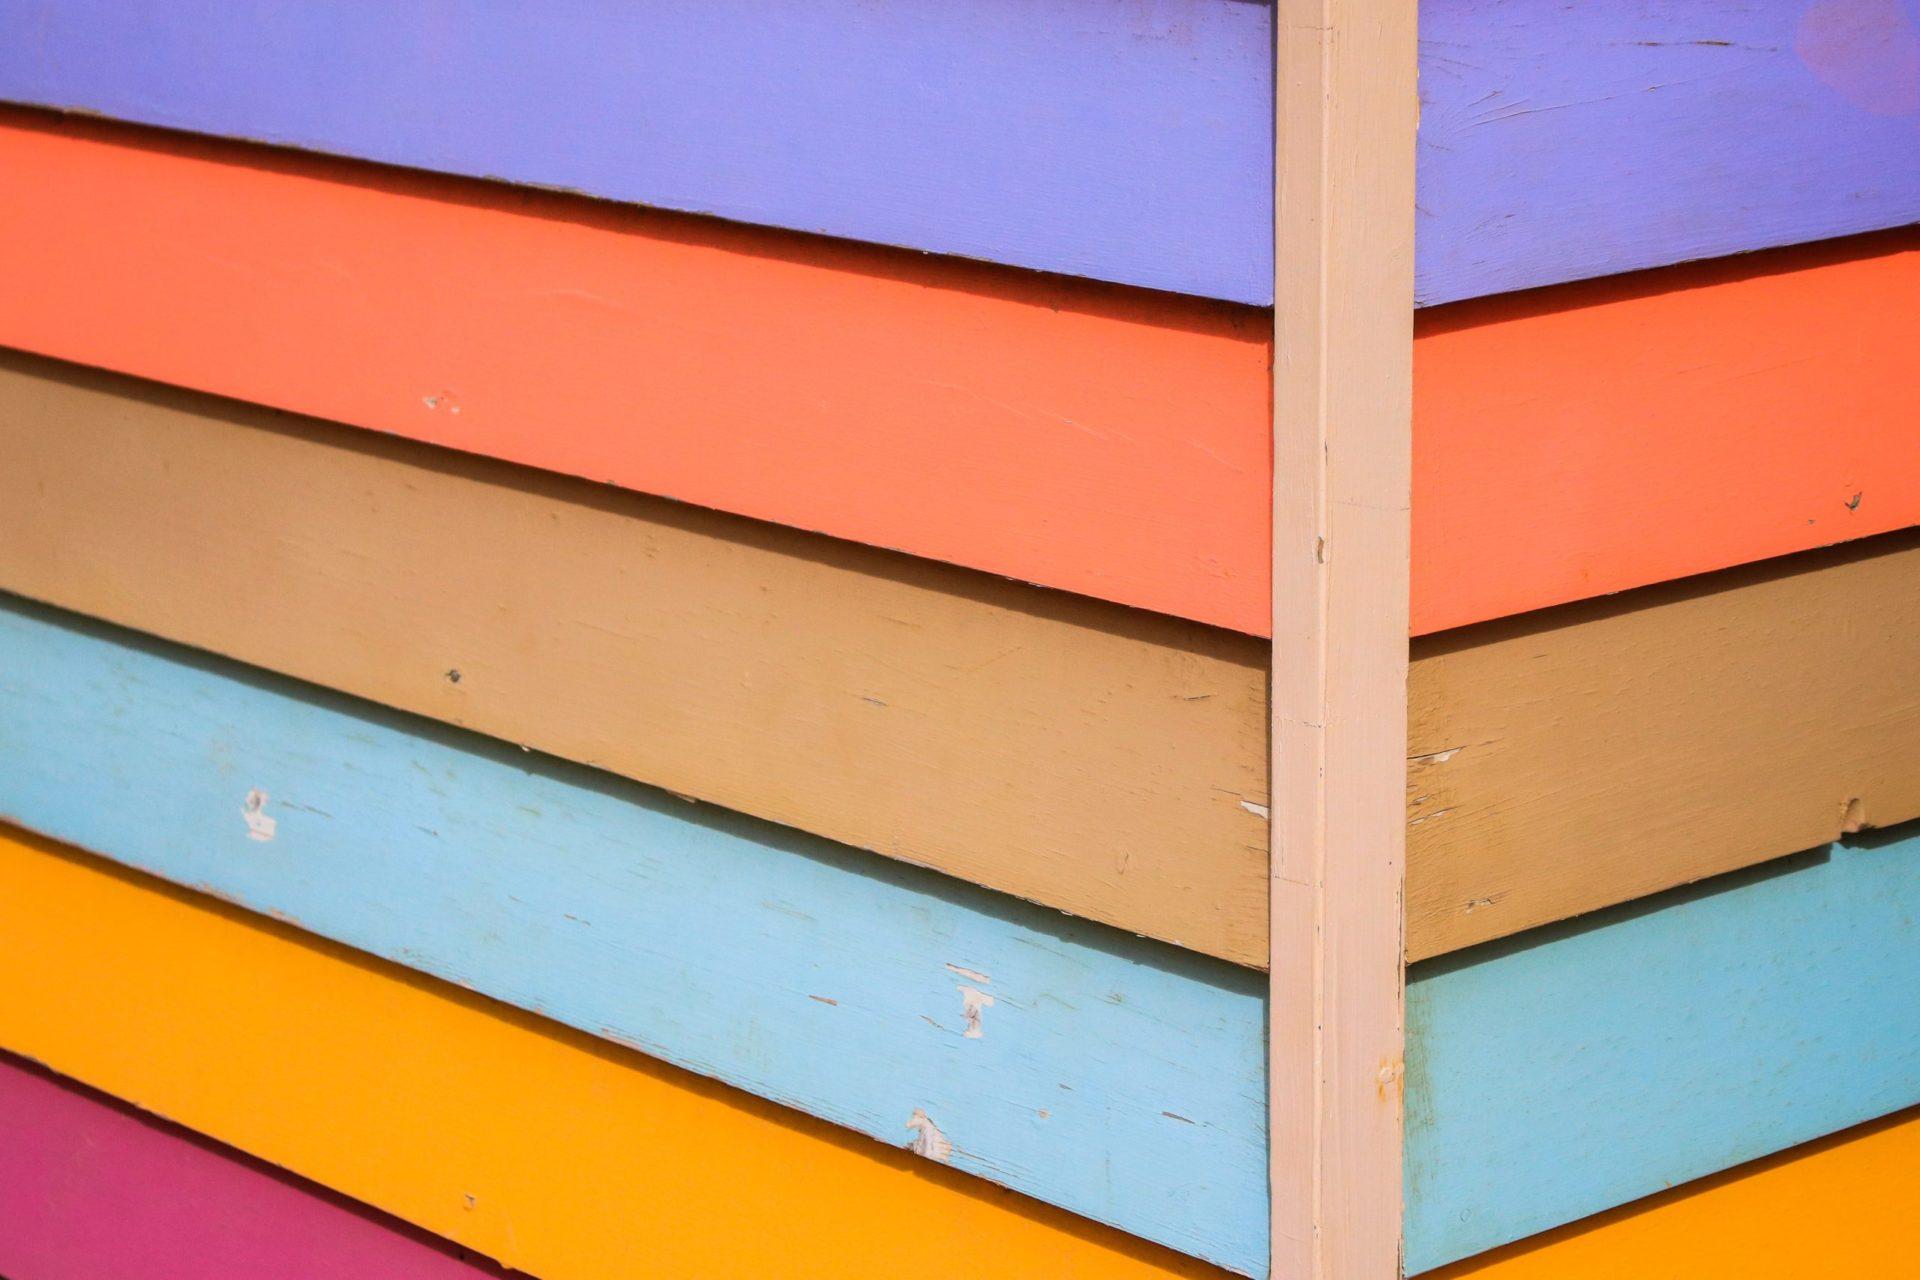 【サイディング塗装】が得意な札幌市の外壁塗装業者にお願いしたいけれど・・・